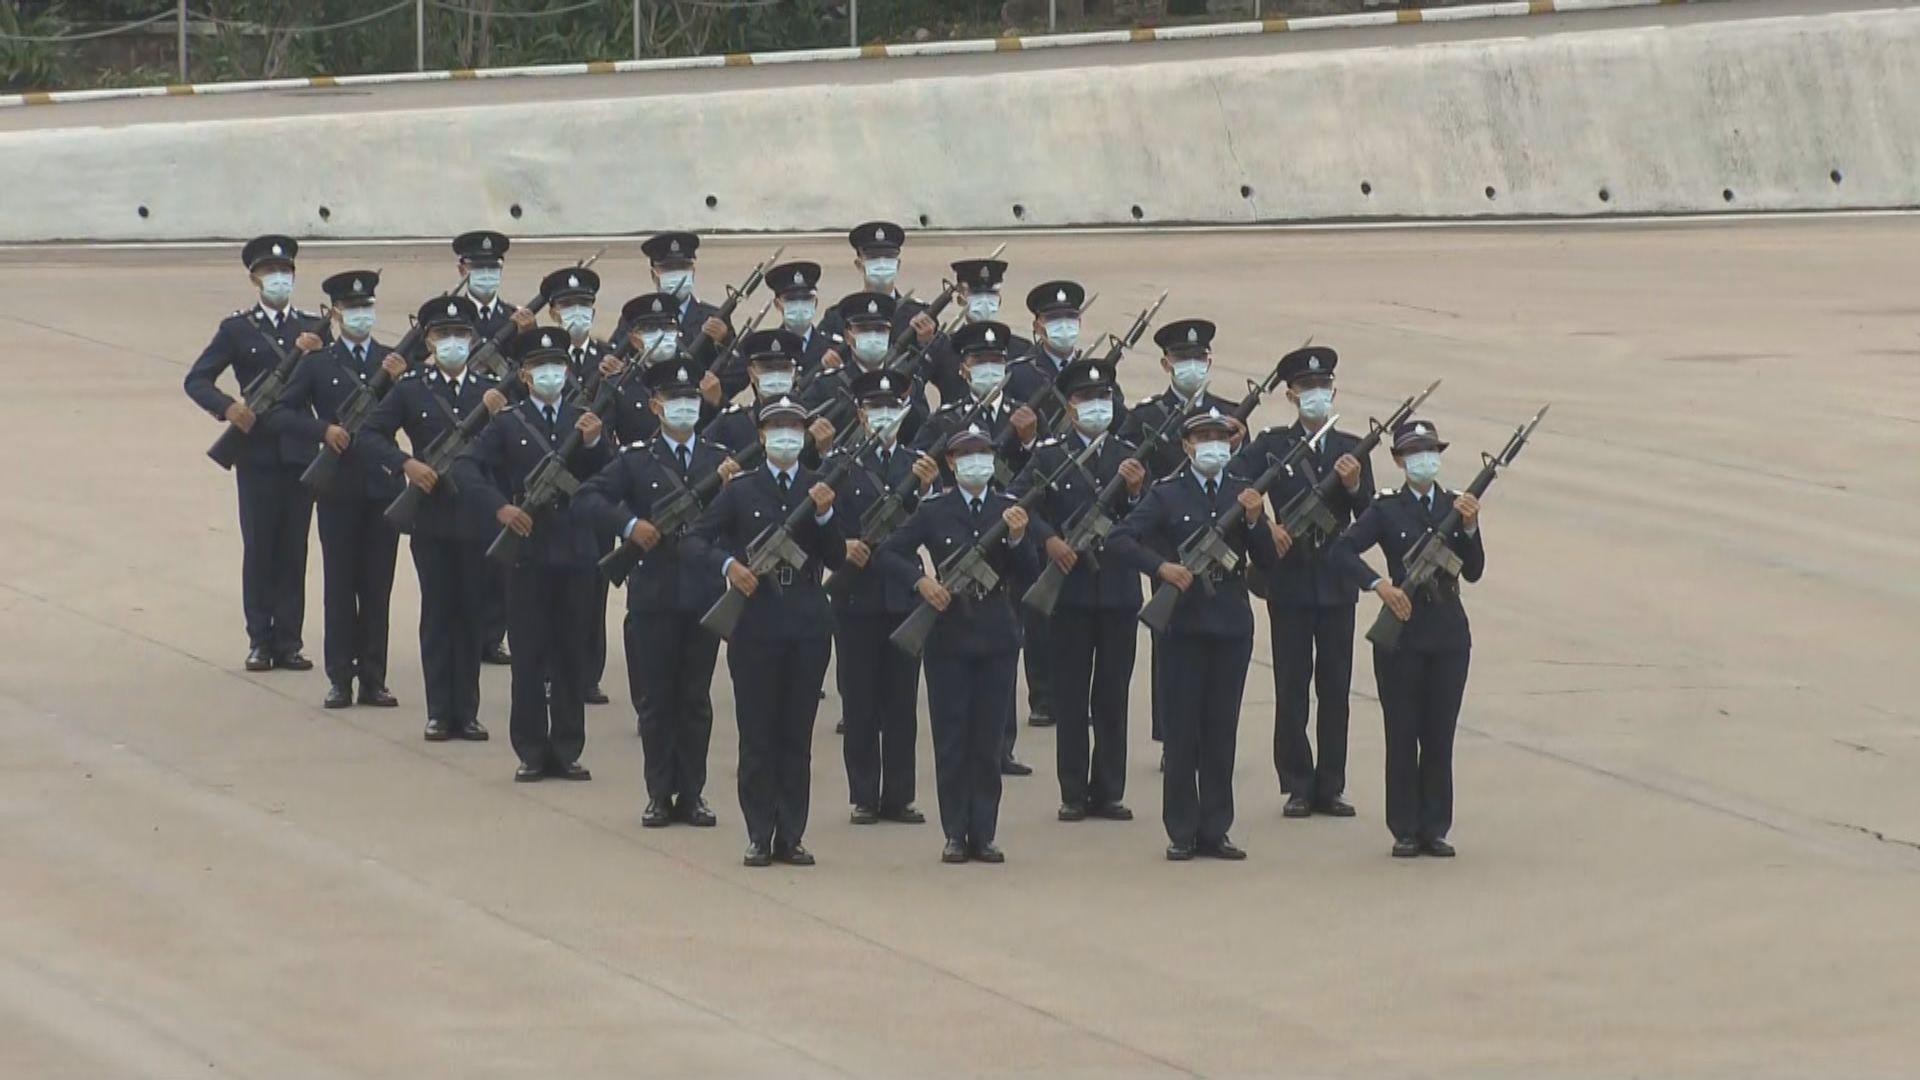 警務處副處長蕭澤頤:維護國家安全是重中之重